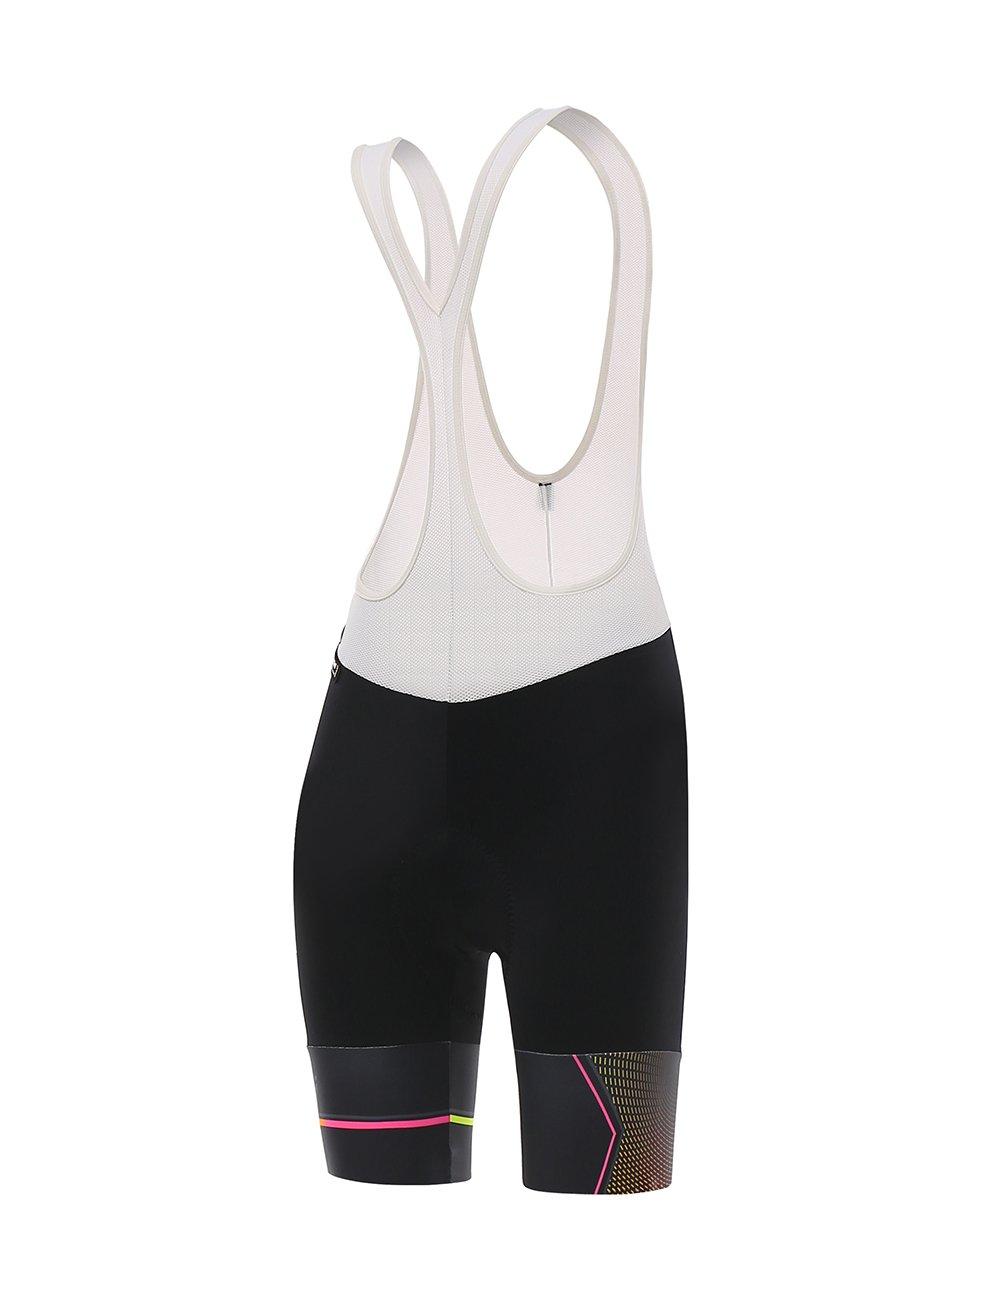 Santini Women's Stella Gil Pad Bib Shorts